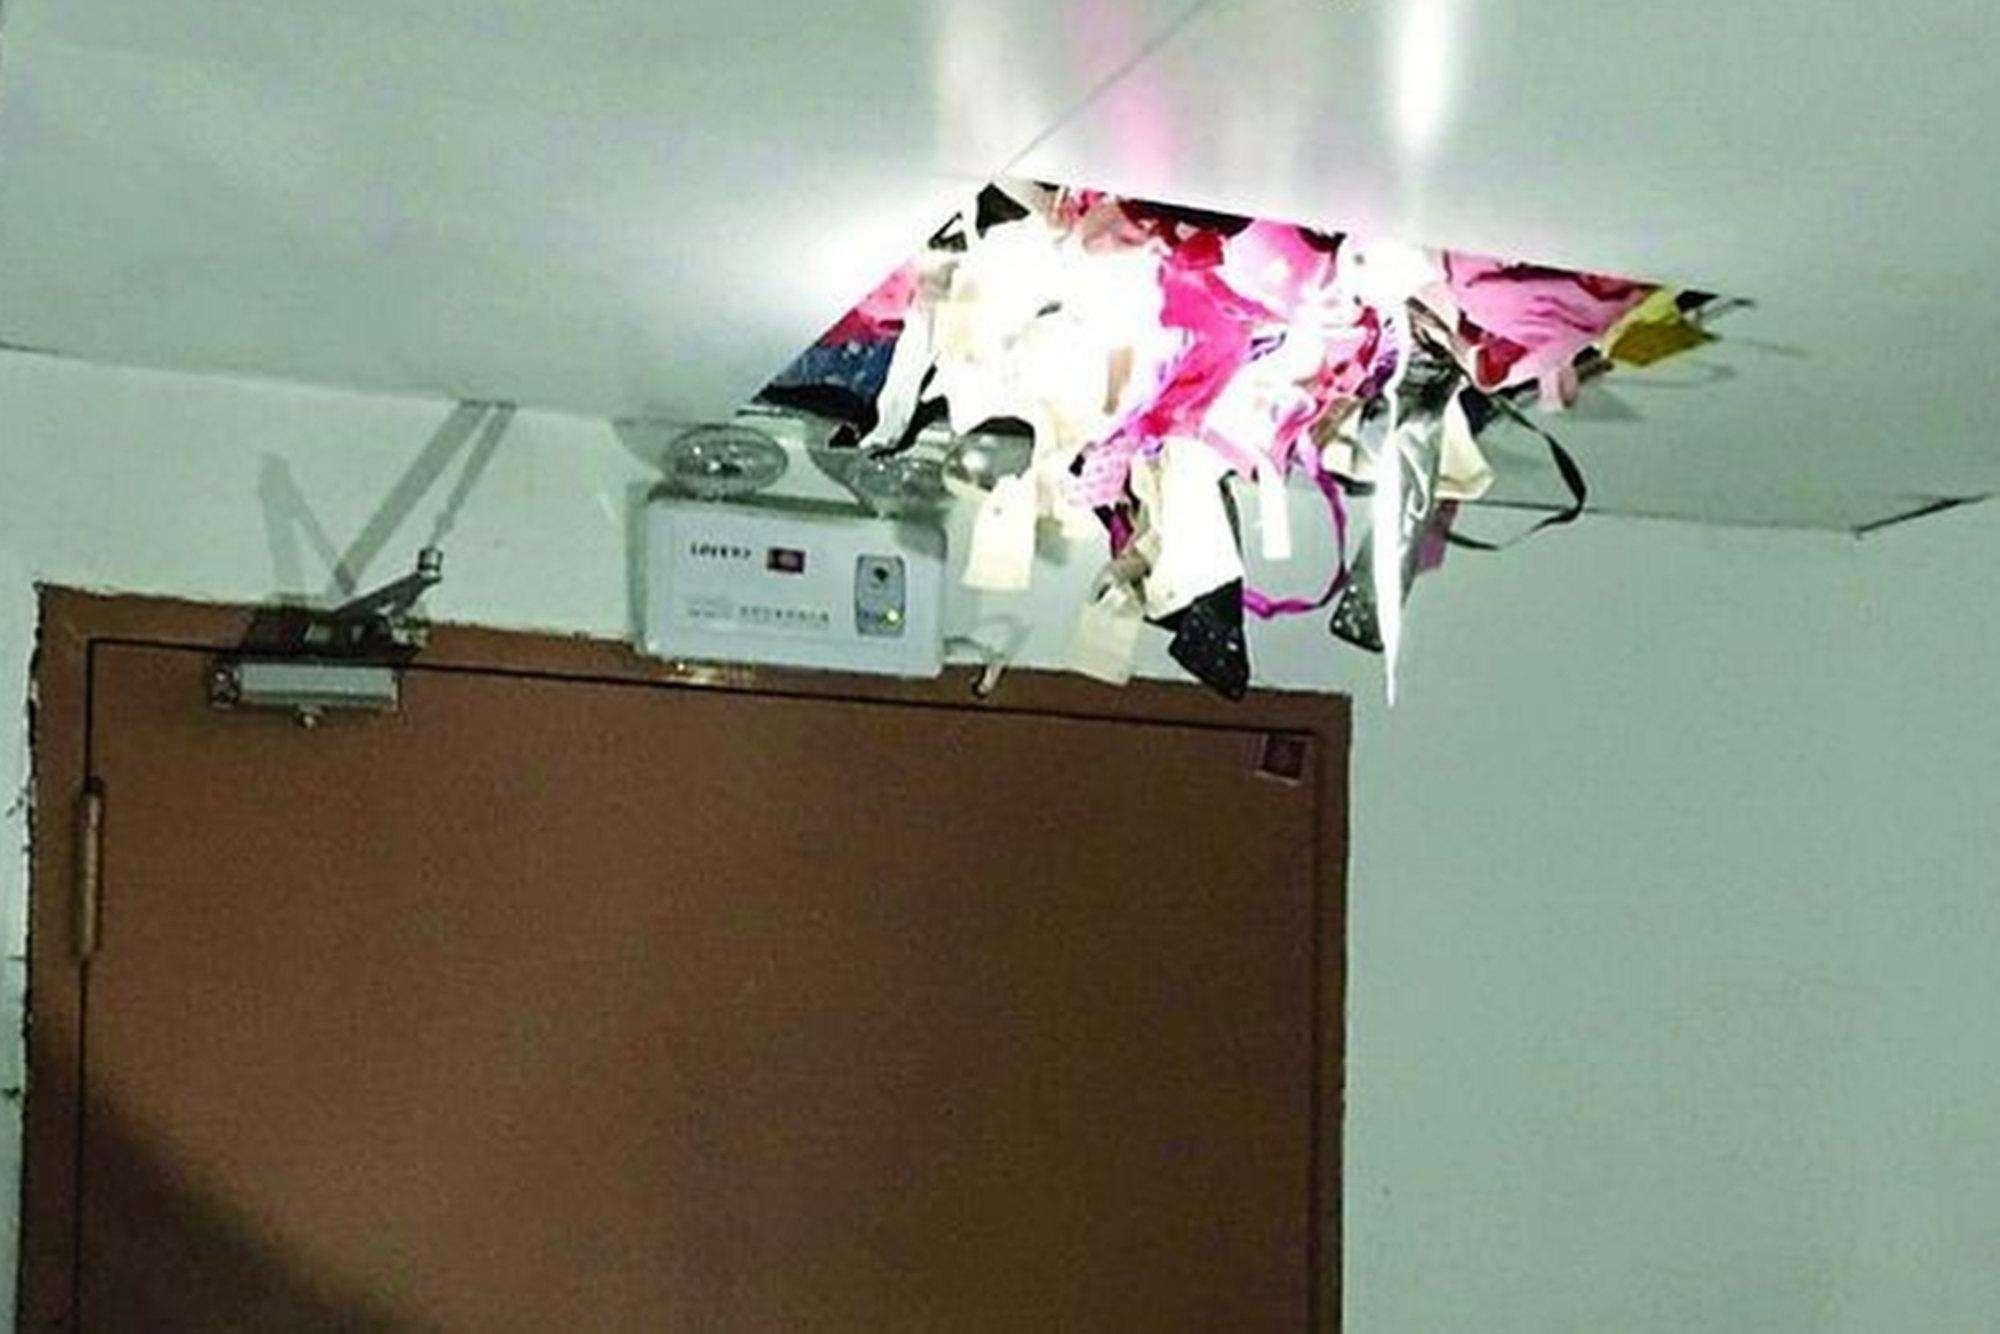 Esconderijo foi revelado quando um dos tetos das escadas cedeu pelo peso da roupa e vários conjuntos de sutiãs e calcinhas caíram no chão Foto: Weibo/Reprodução